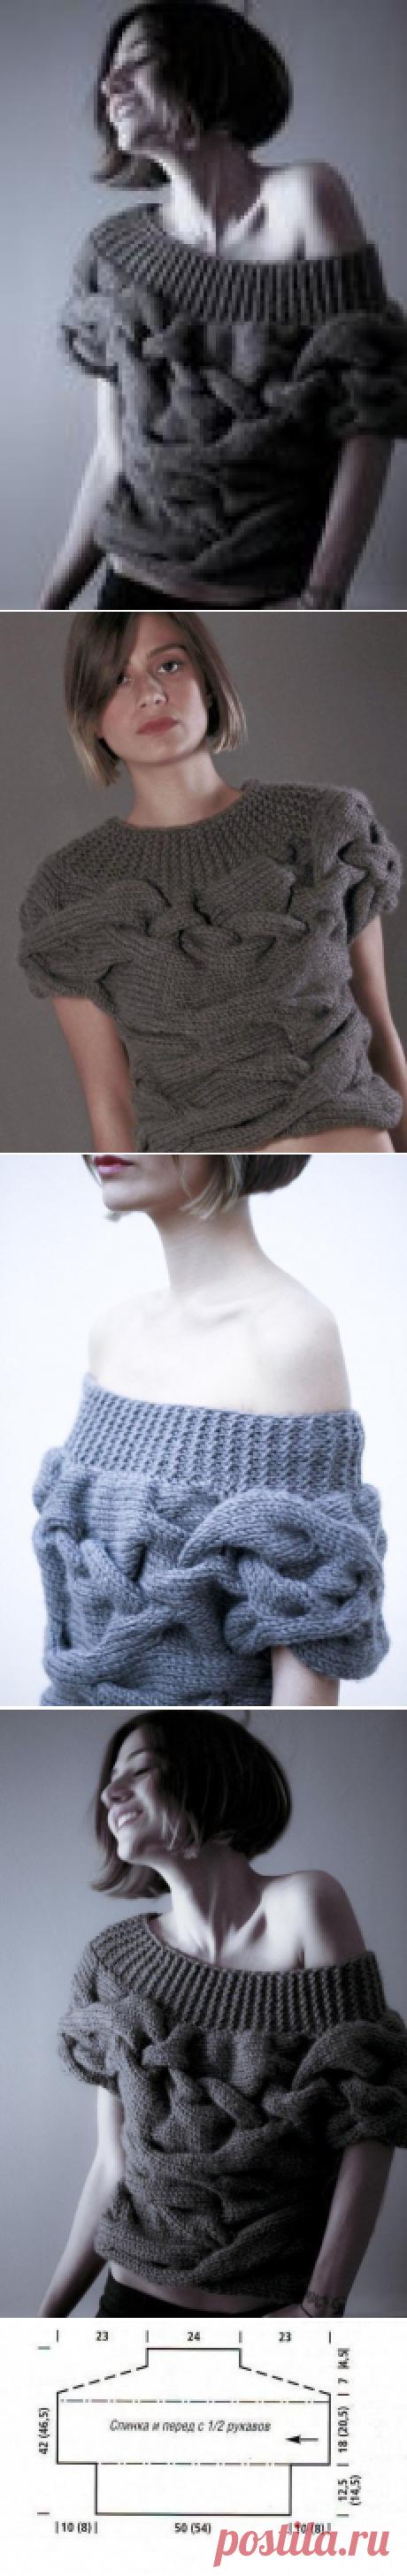 Оригинальный пуловер с широкими косами